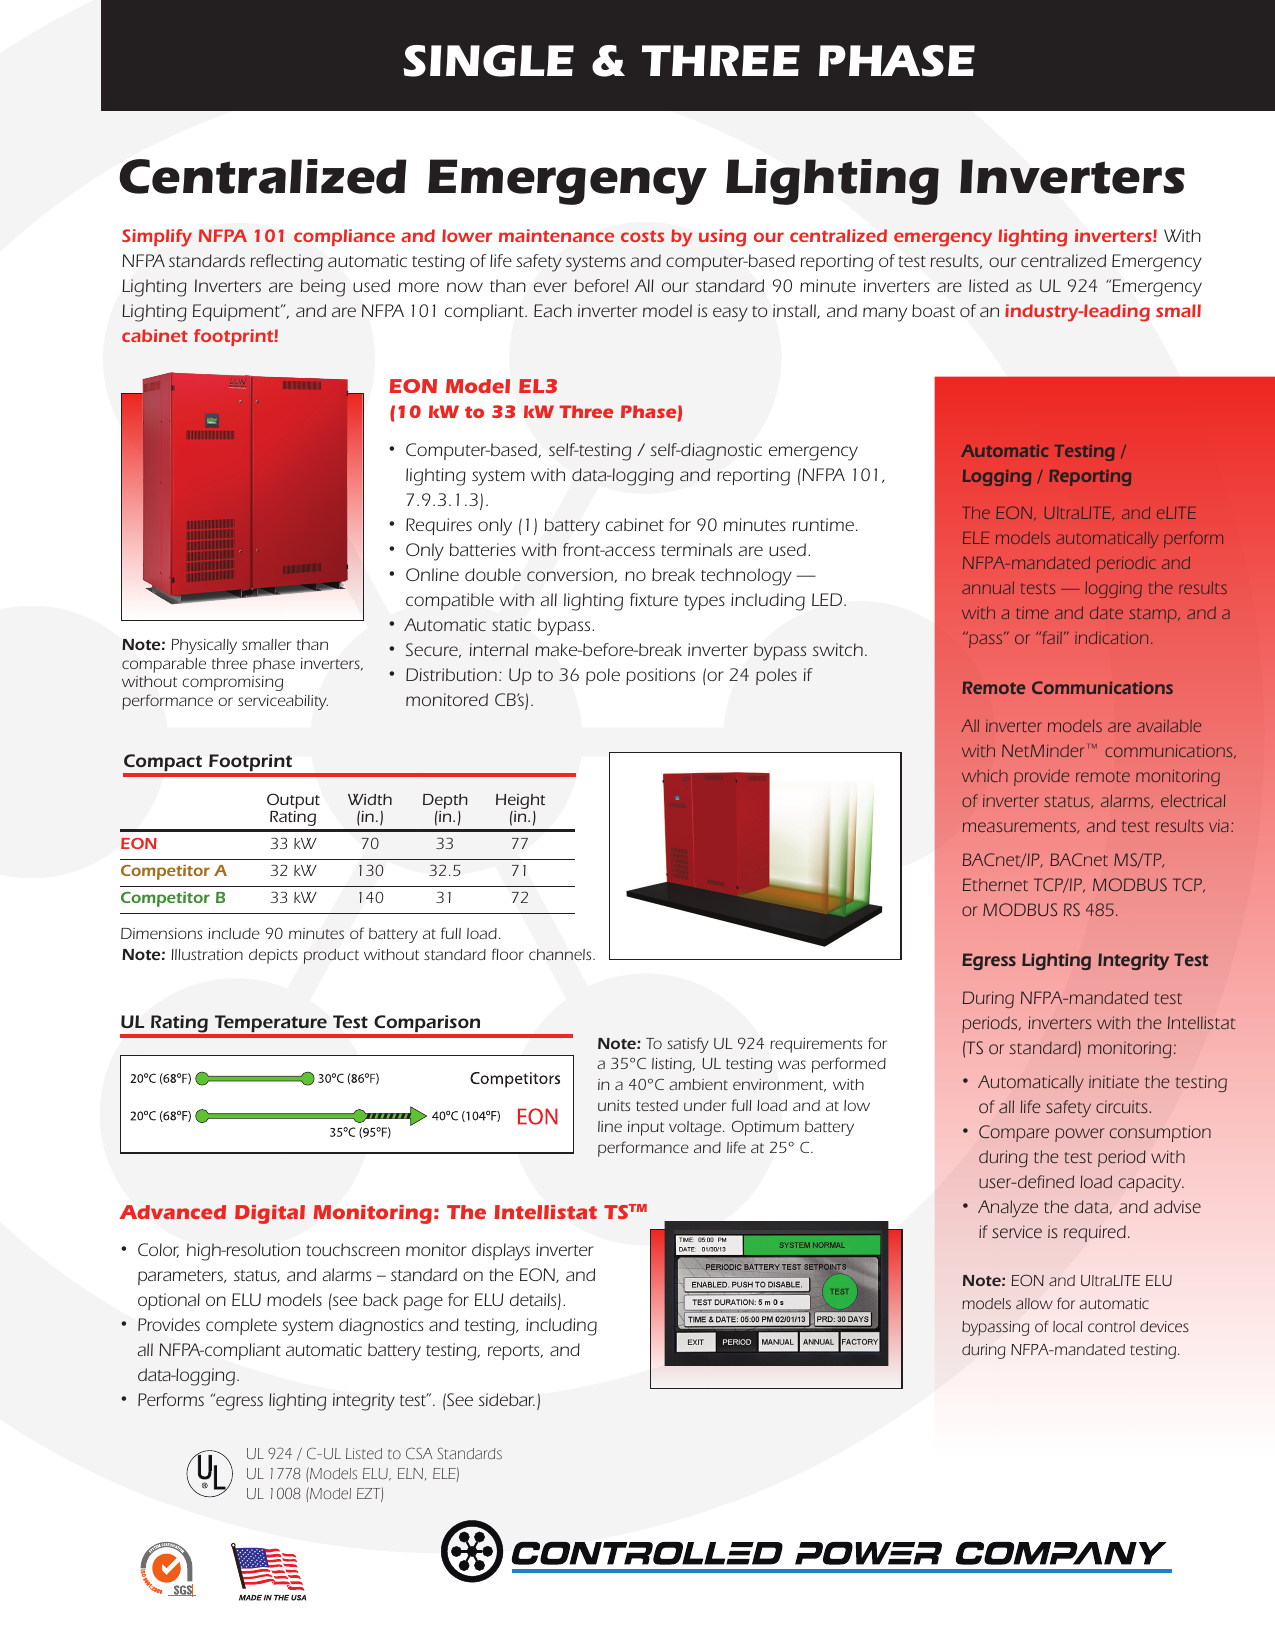 018398368 1 d5a2a7ec547bed3a4b0d7098e788c320 png. Eon Lighting Inverter. Home Design Ideas